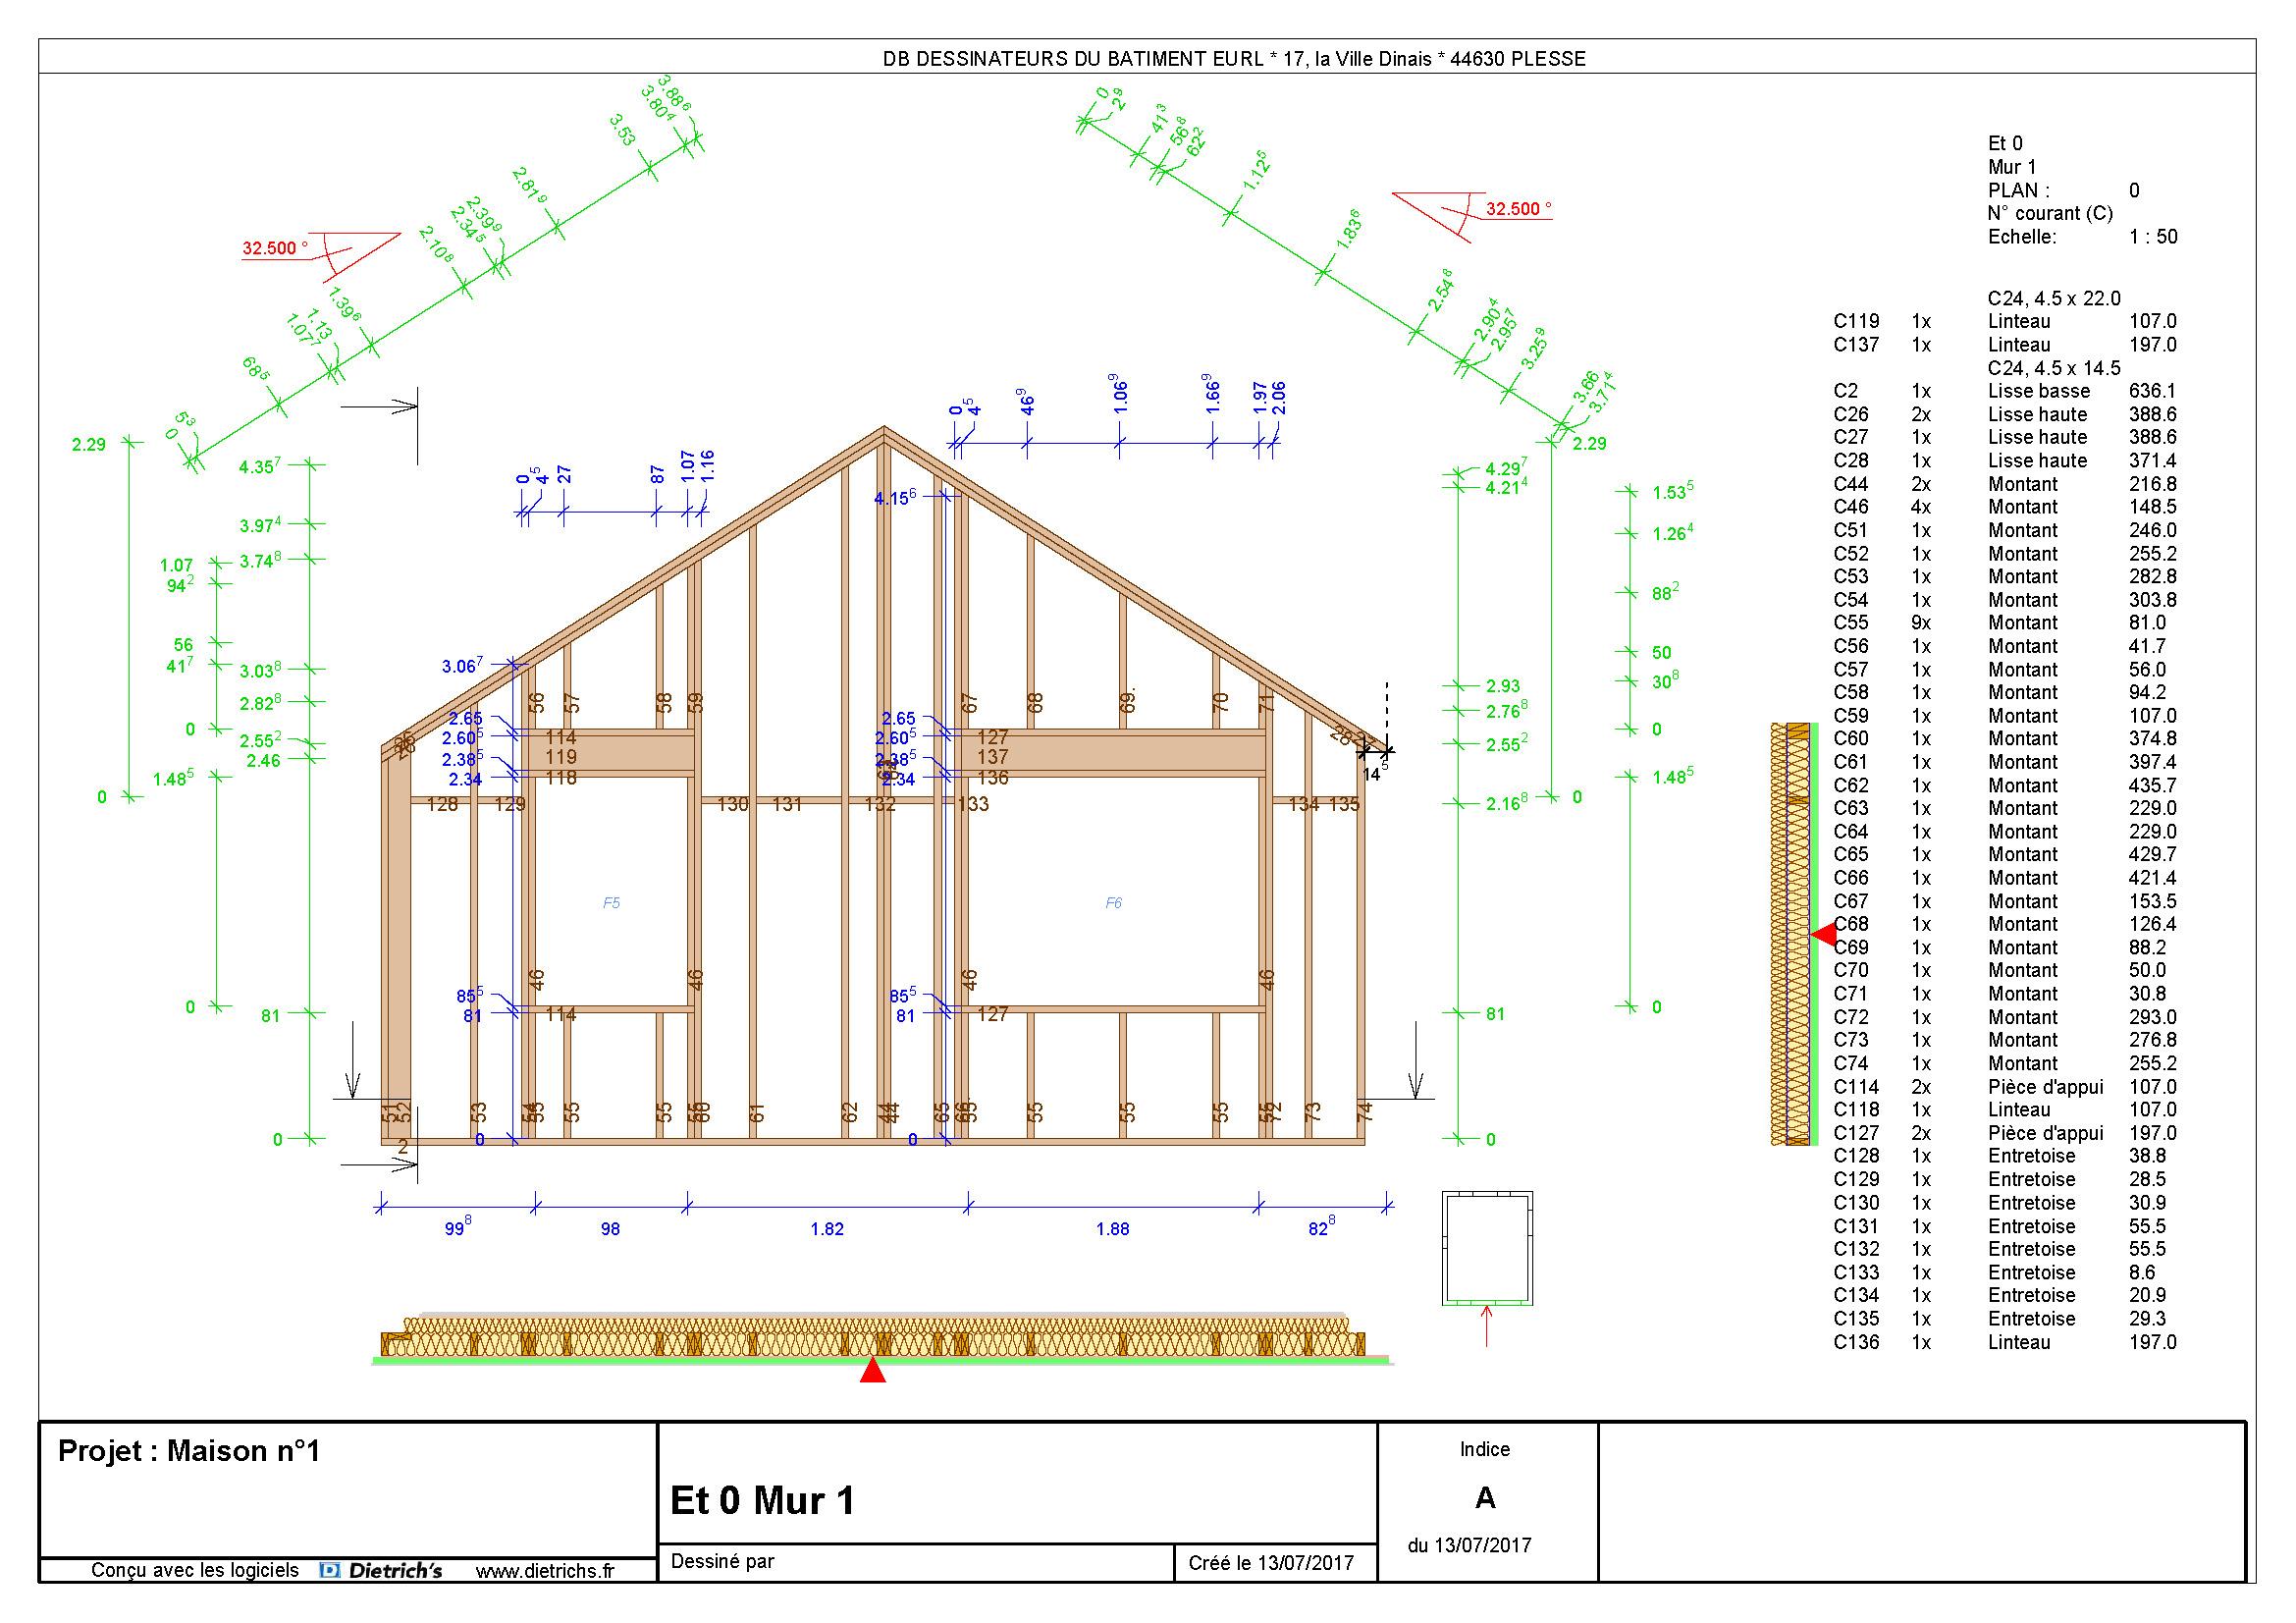 Plans De Panneaux Bois Artkitech Dessinateurs Du Batiment